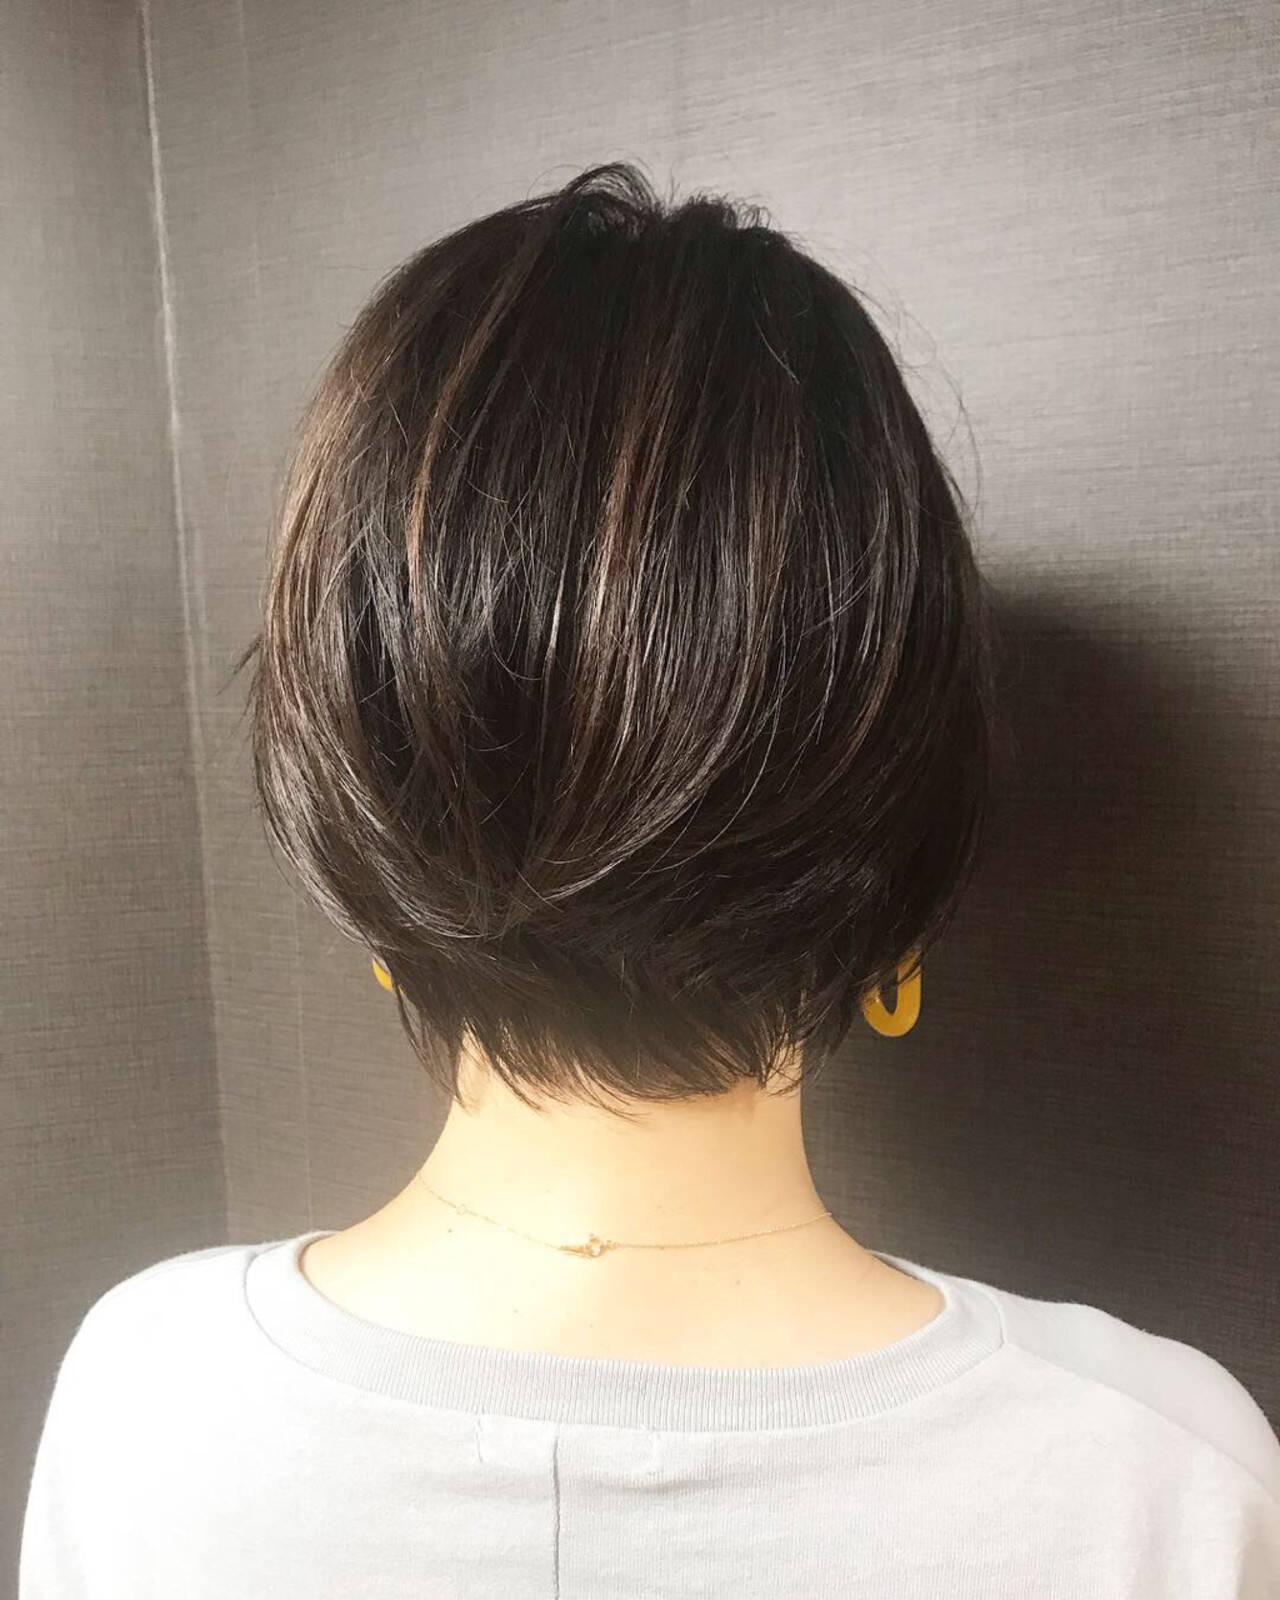 ショート 艶髪 小顔 ショートボブヘアスタイルや髪型の写真・画像